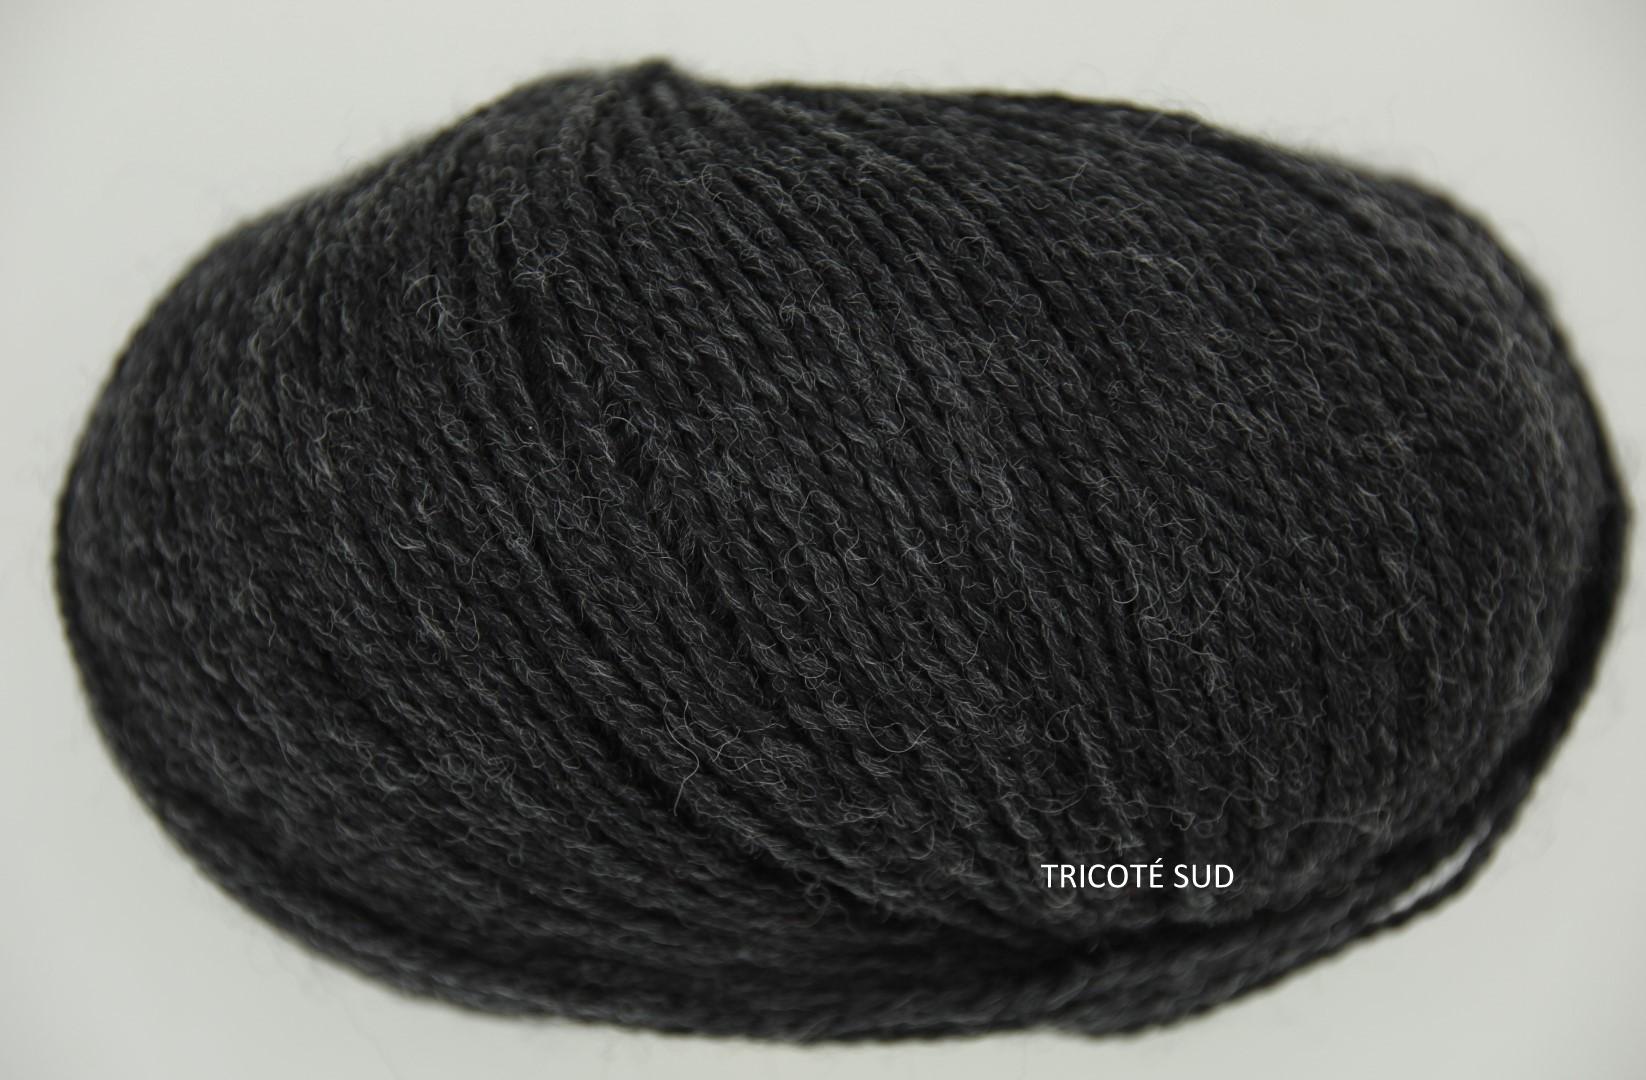 SEMILLA BCGARN COLORIS 30 (Large)